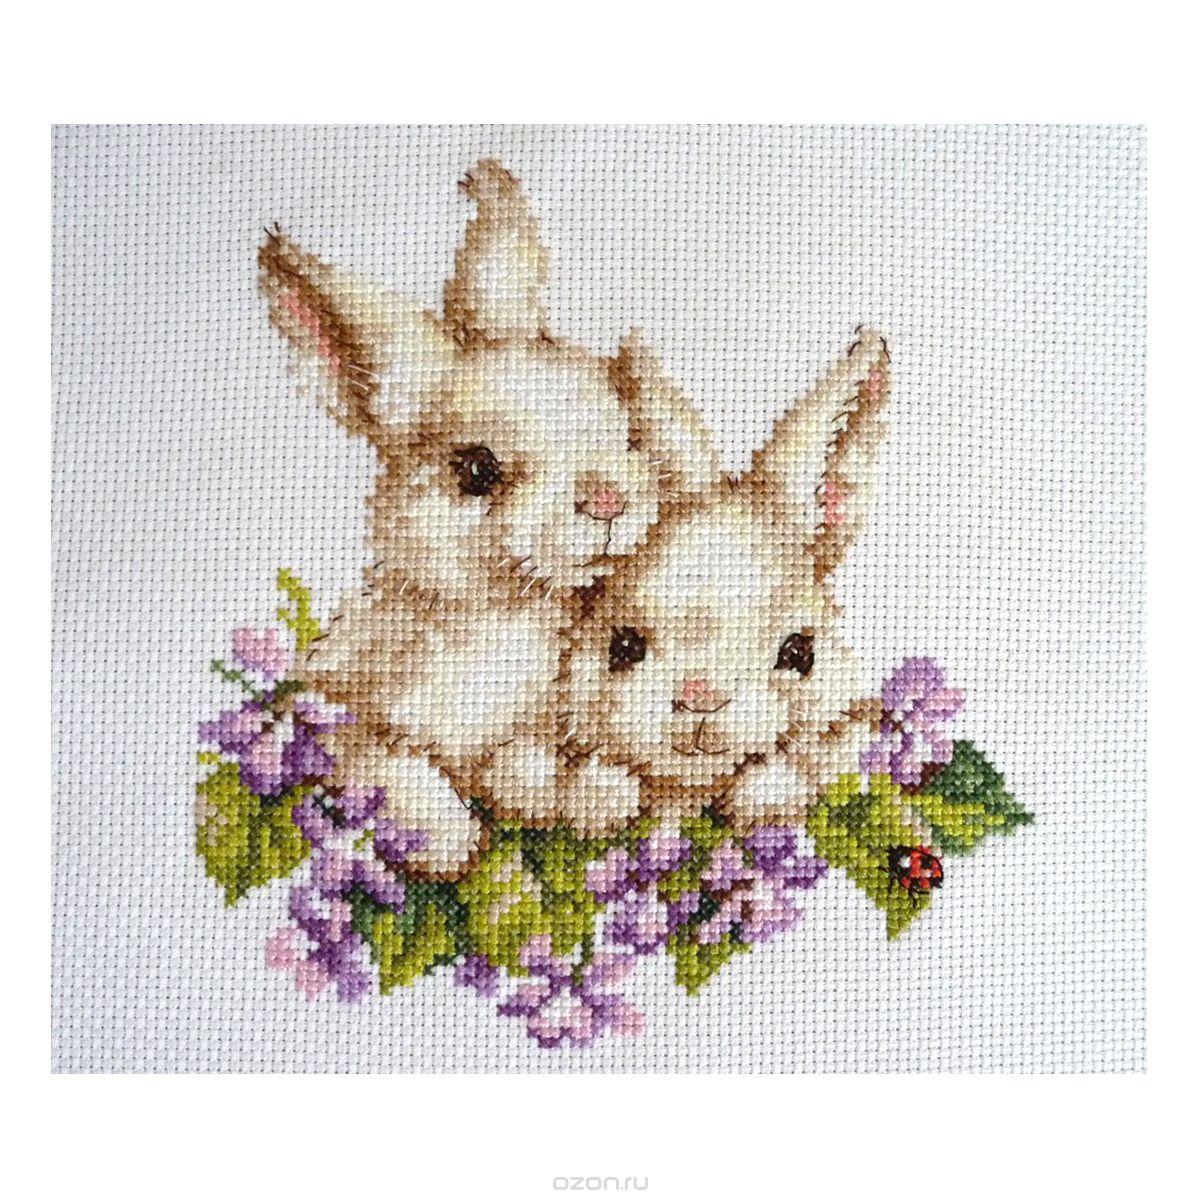 1-11 Набор для вышивания АЛИСА 'Крольчата' 15*16см